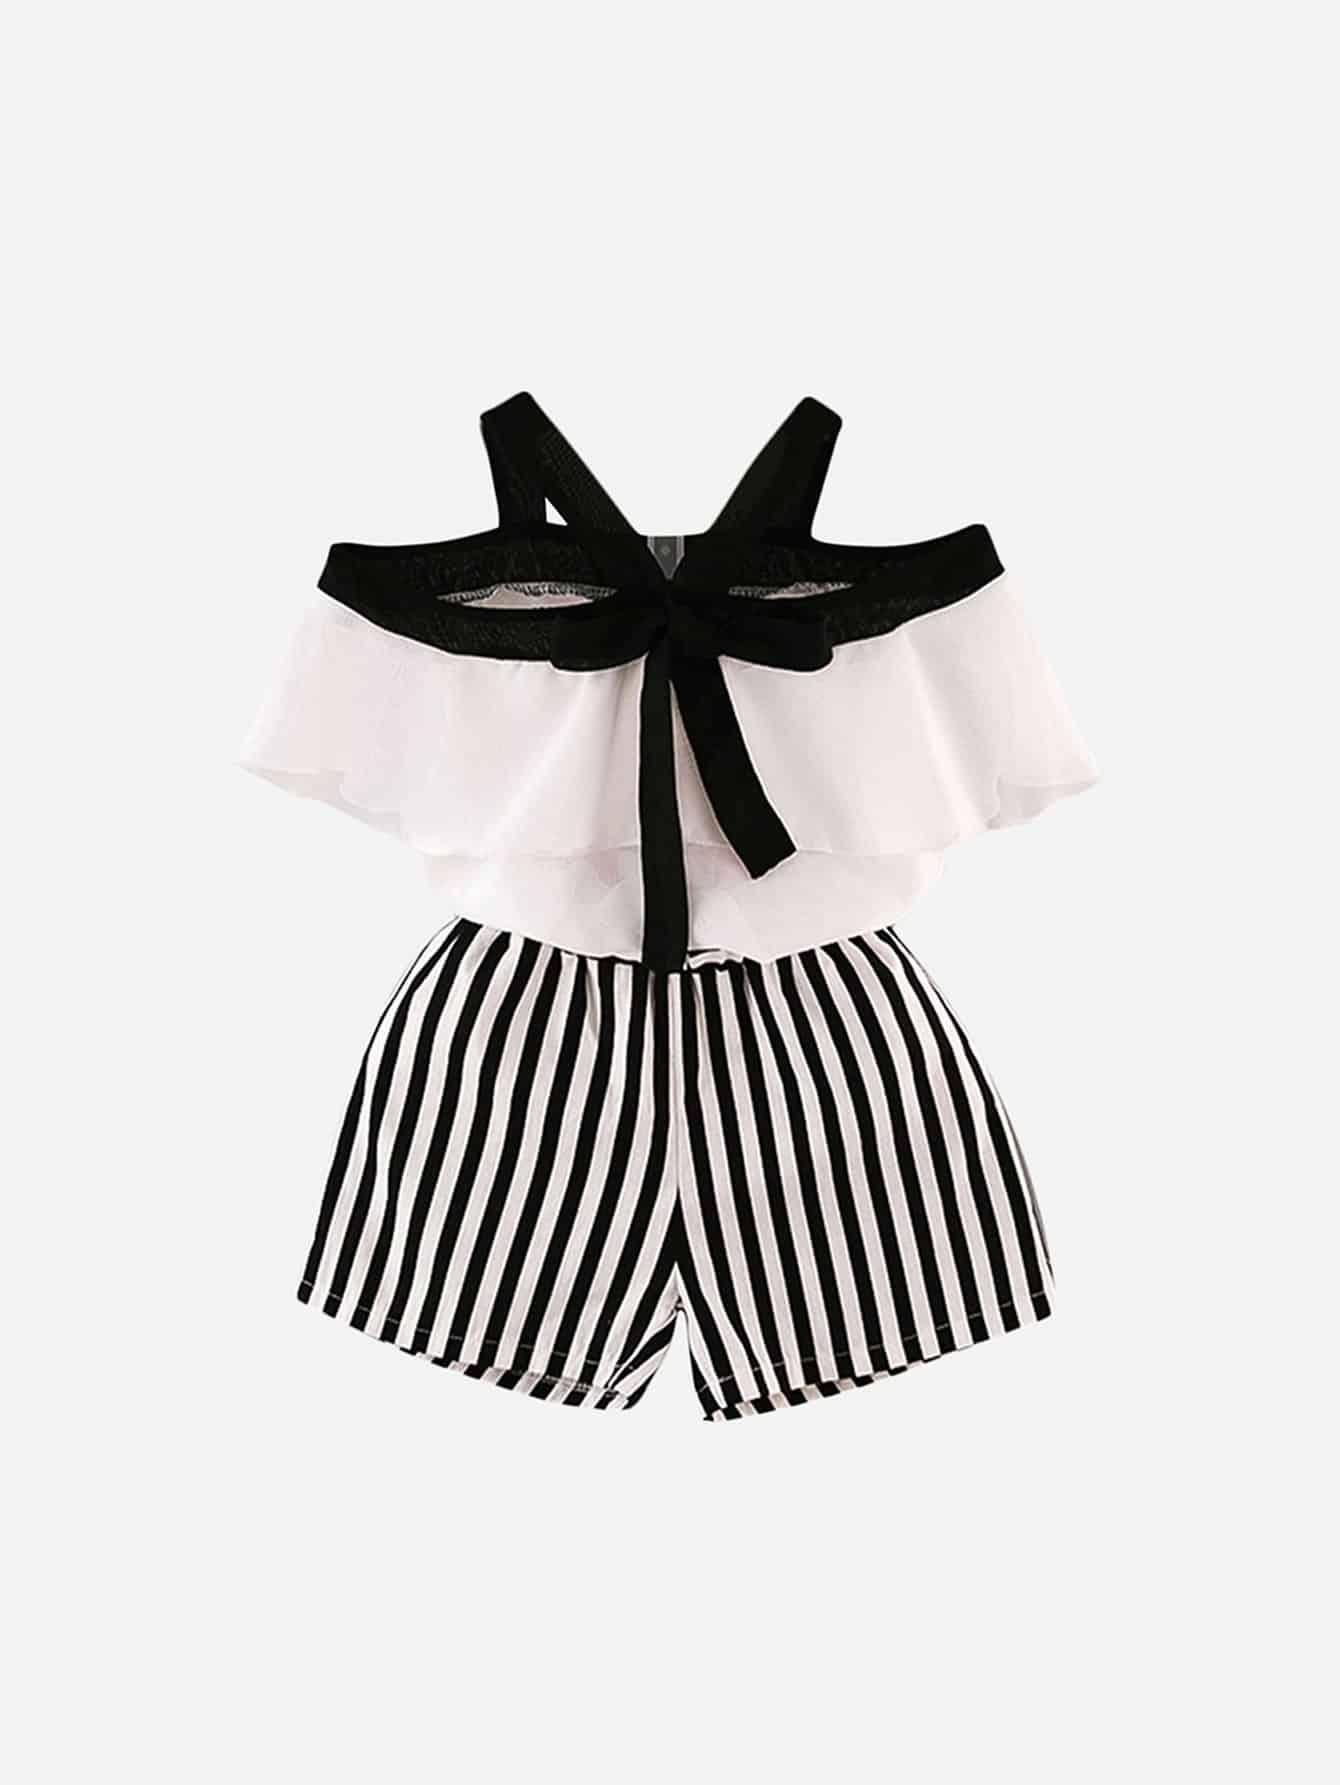 Детская рубашка с трикотажной рубашкой оборками